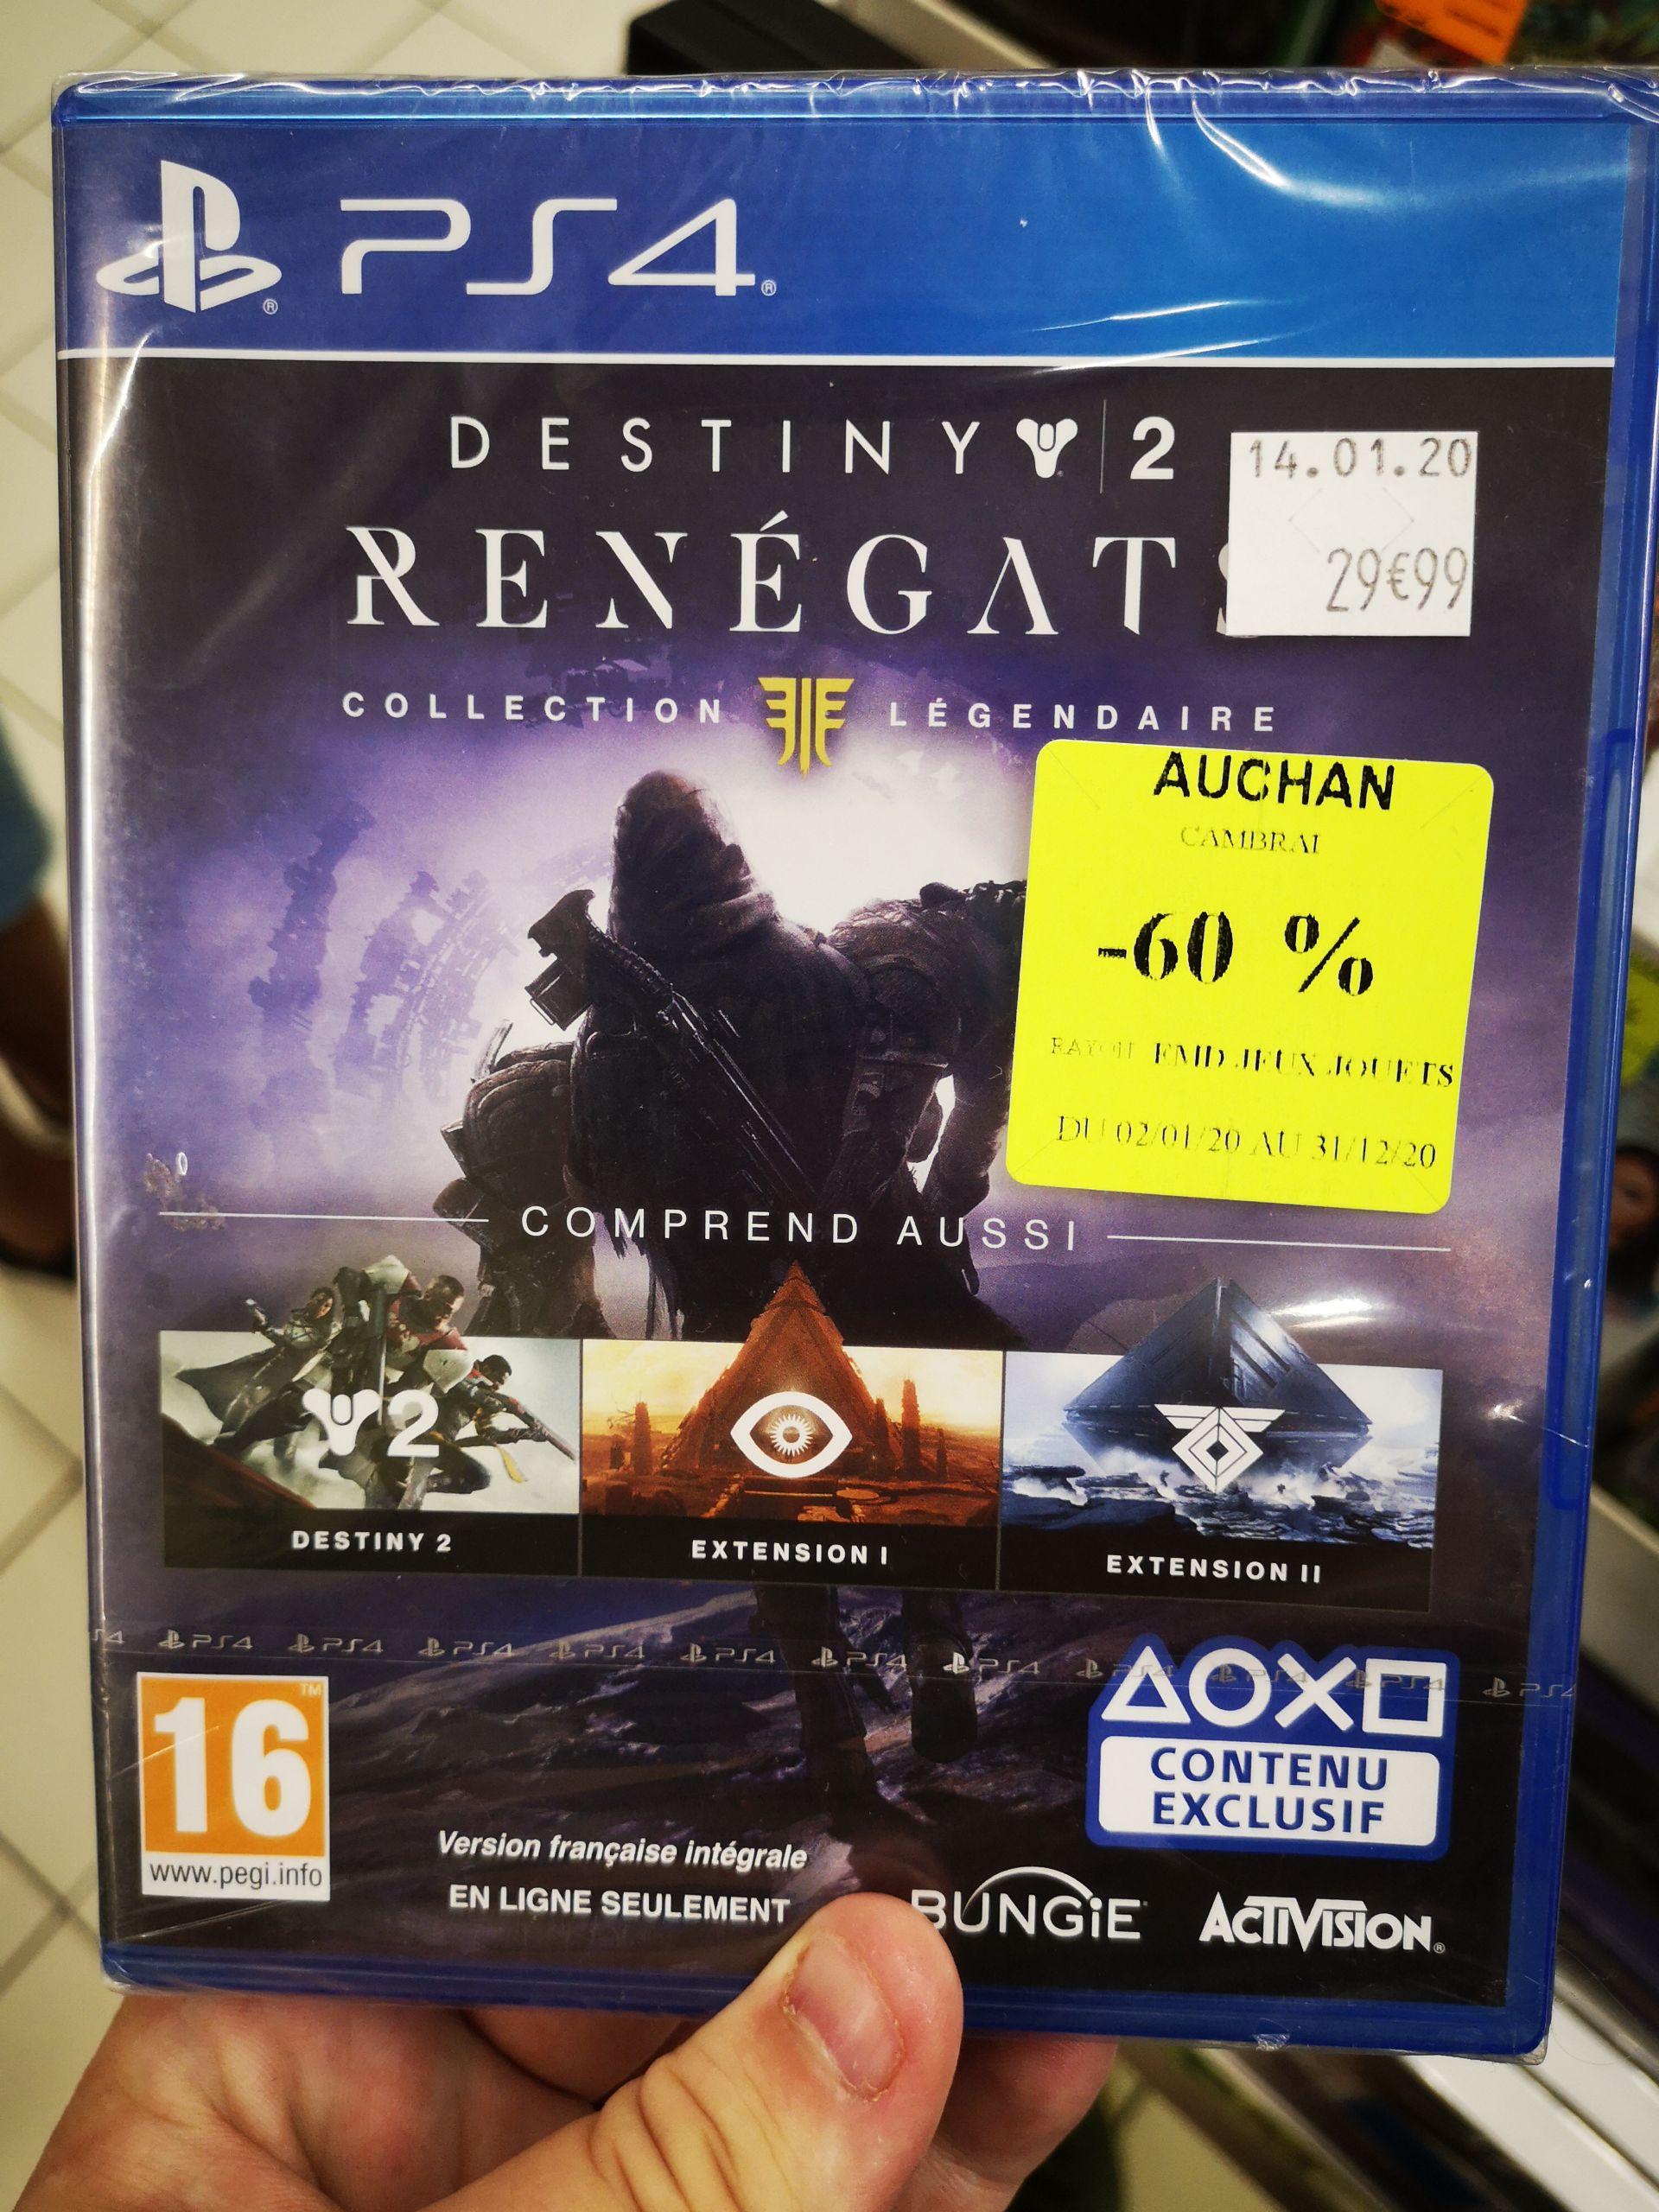 Destiny 2: Renégats - Collection Légendaire sur PS4 - Escaudœuvres (59)